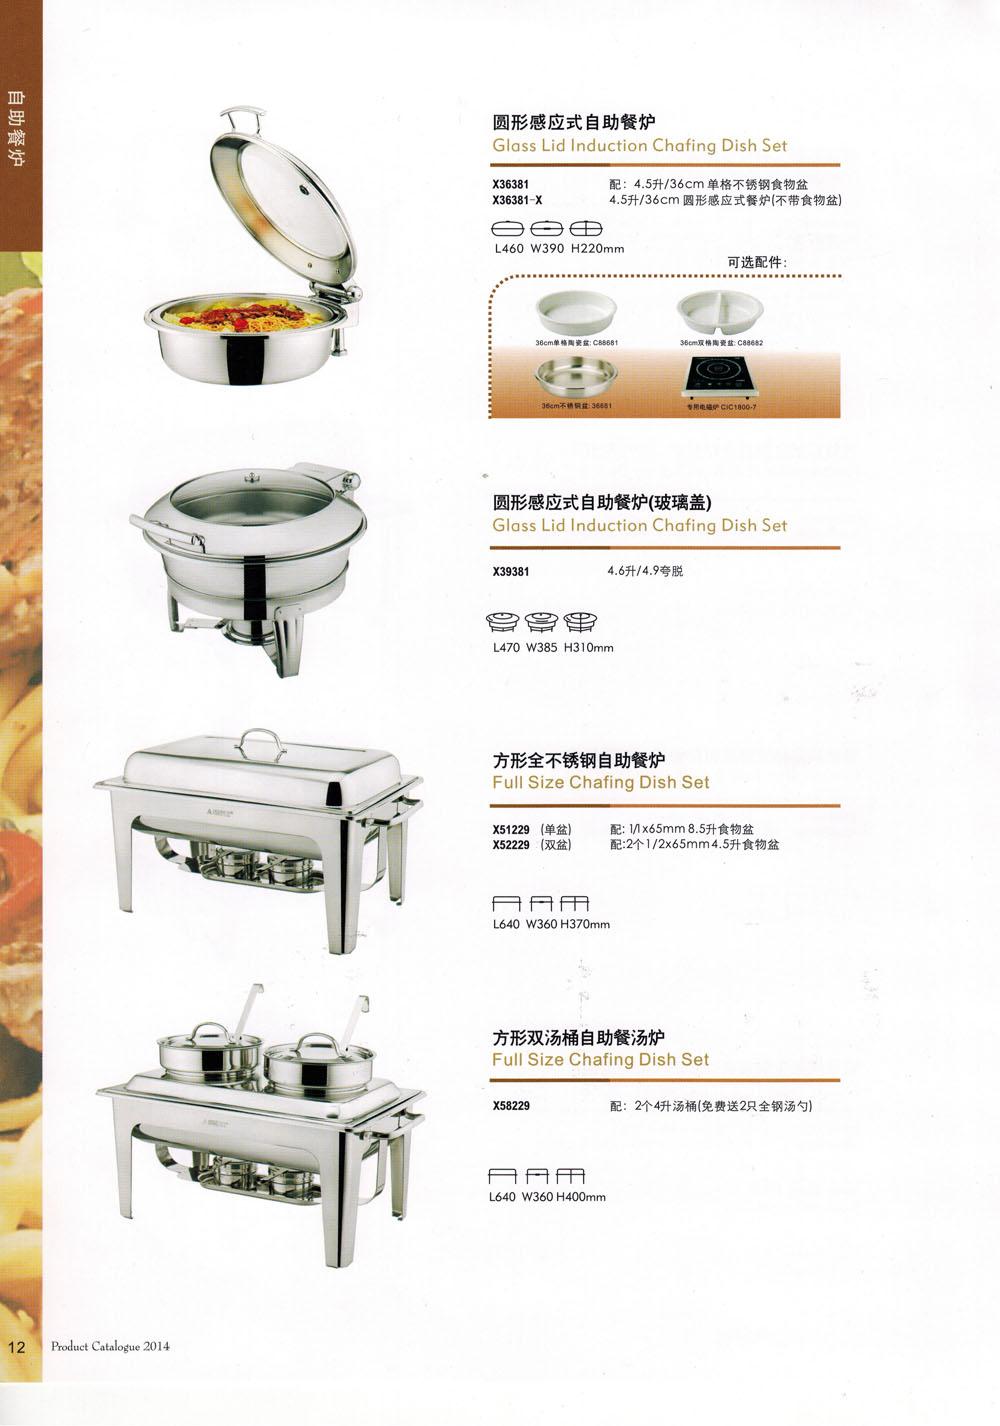 新力士圆形感应自助餐炉,圆形感应自助餐炉(琉璃盖),式方形不锈钢自助餐炉;方形双汤桶自助餐汤炉。